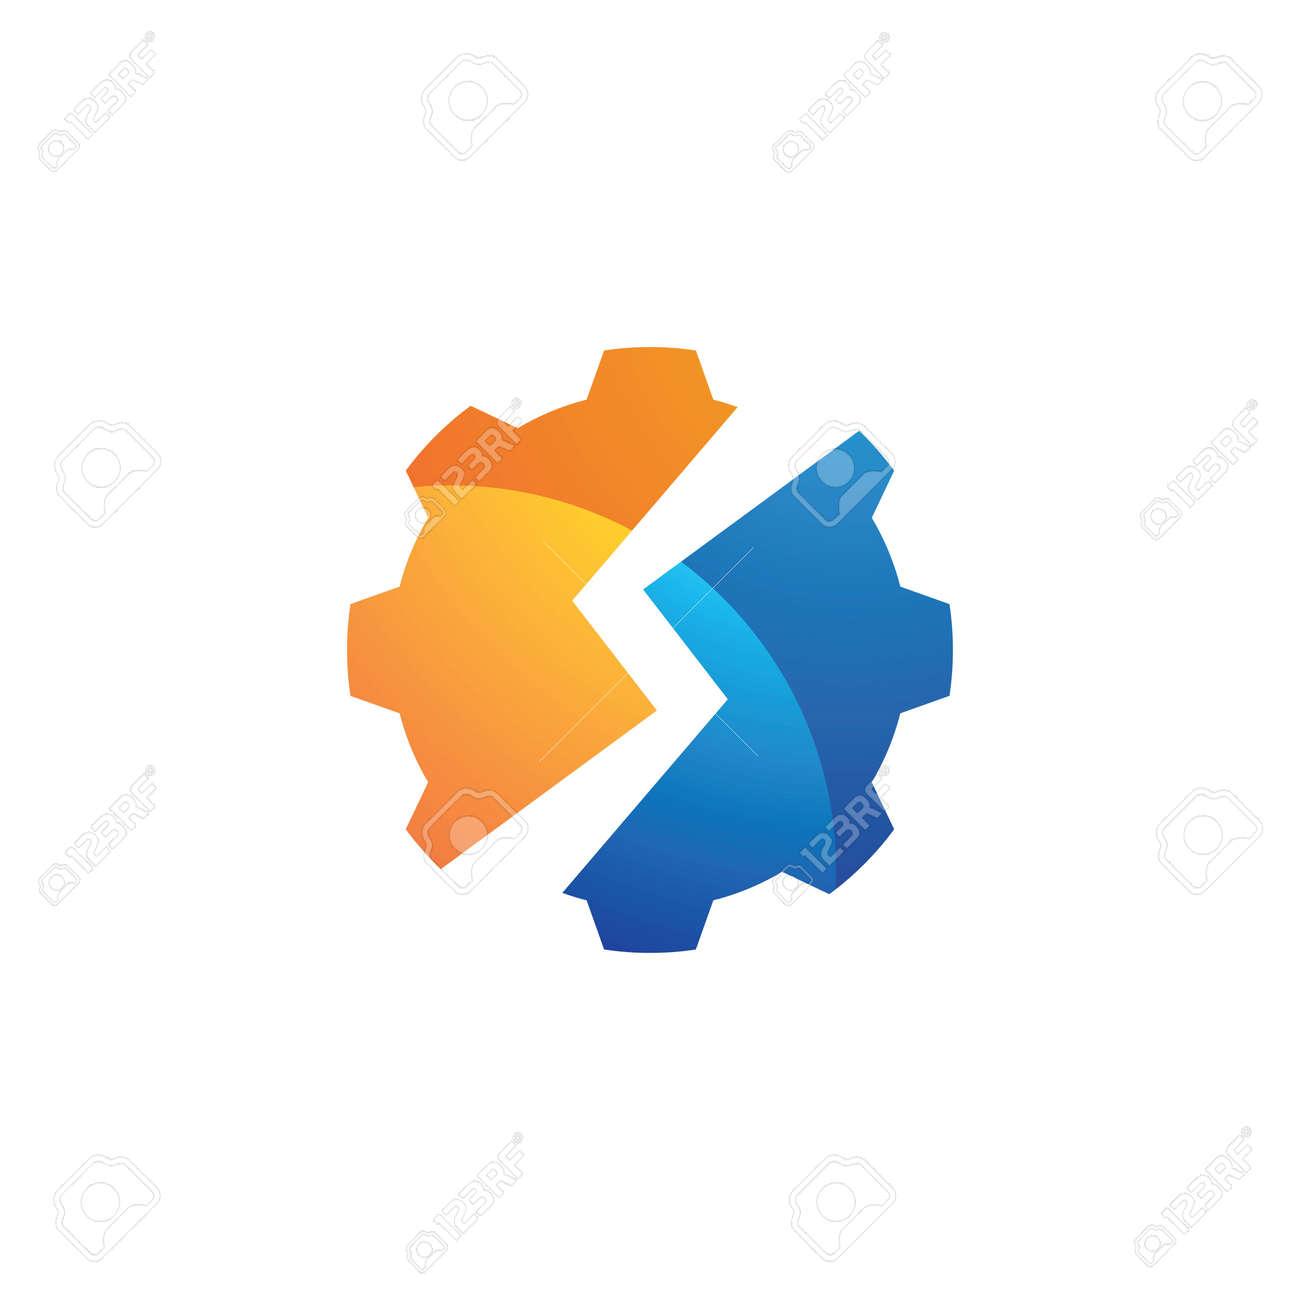 Gear logo images illustration design - 167448499